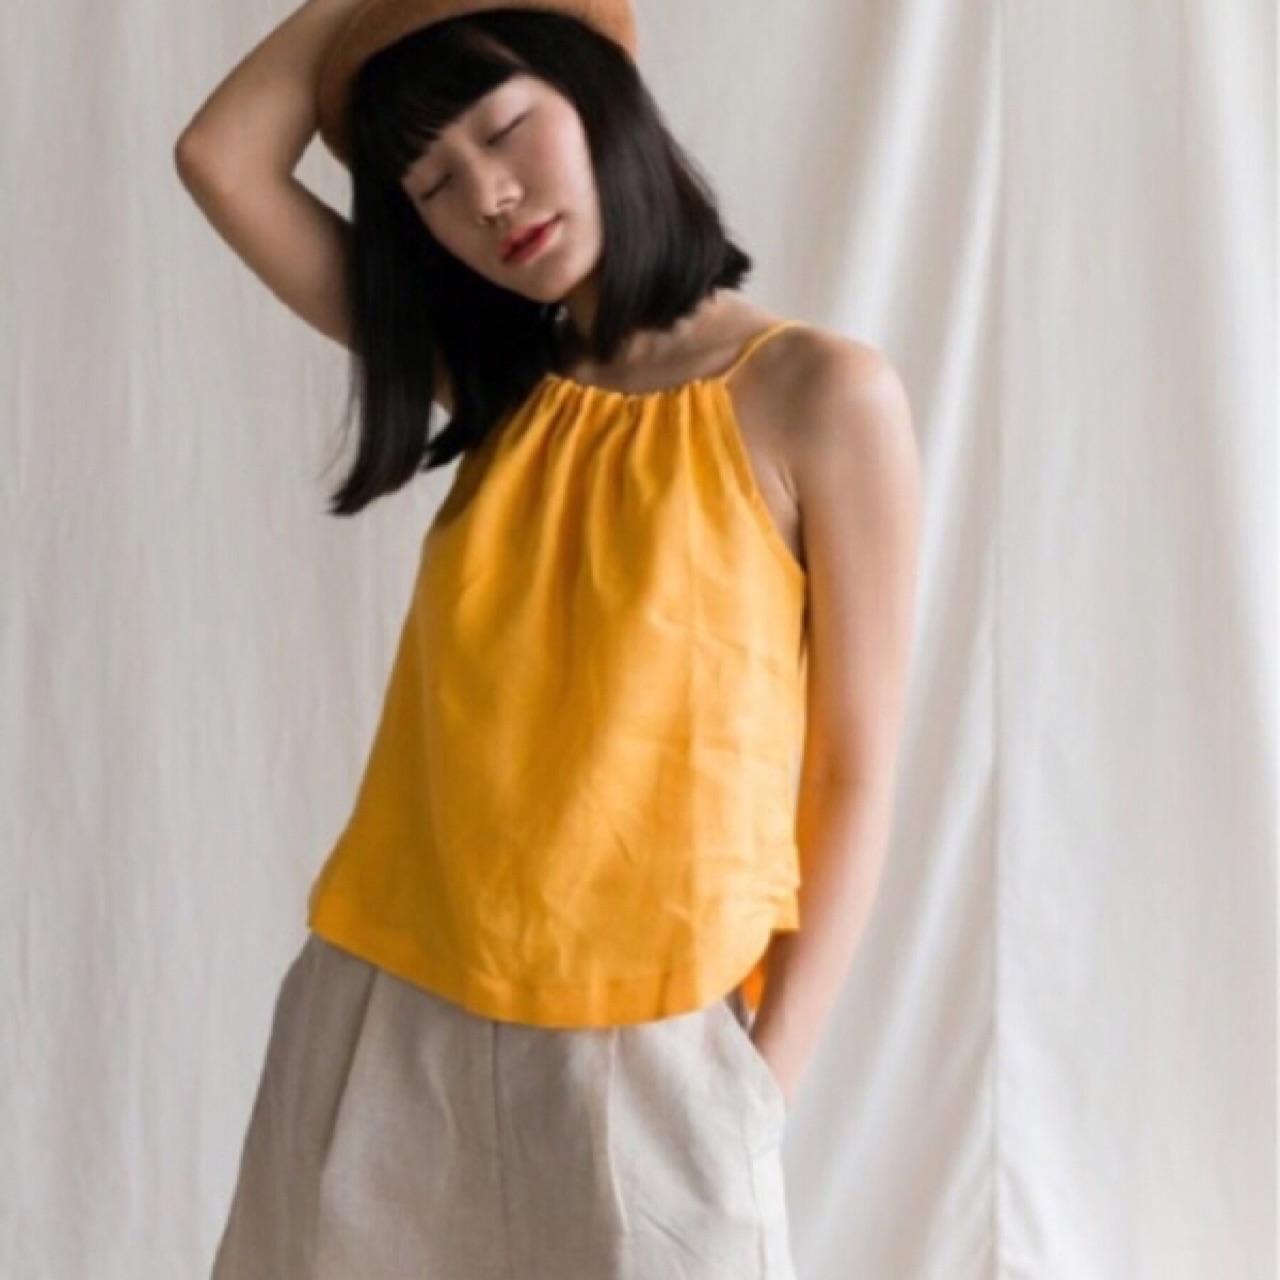 เสื้อสายเดี่ยวสีเหลือง